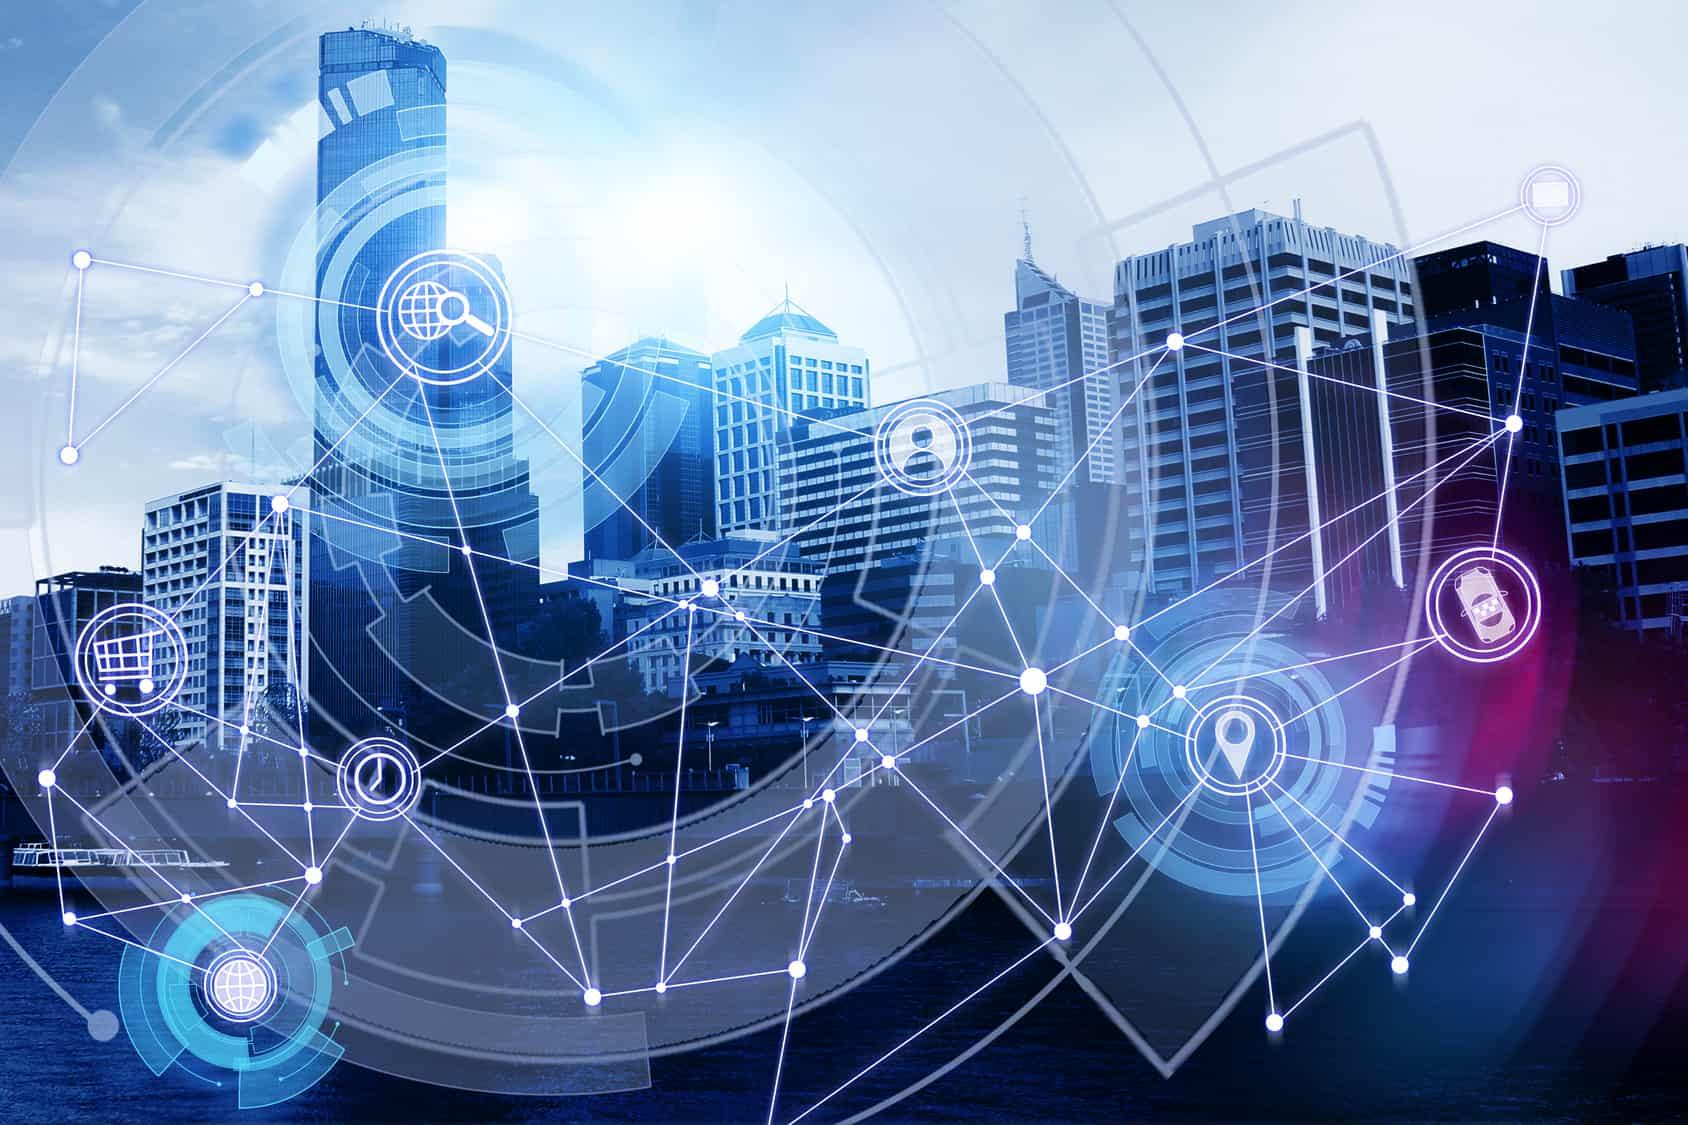 tenemos las propuestas de los candidatos presidenciales en torno a las Tecnologías de la Información y Comunicación (TIC) insertas en los diversos campos de la vida nacional que buscan liderar